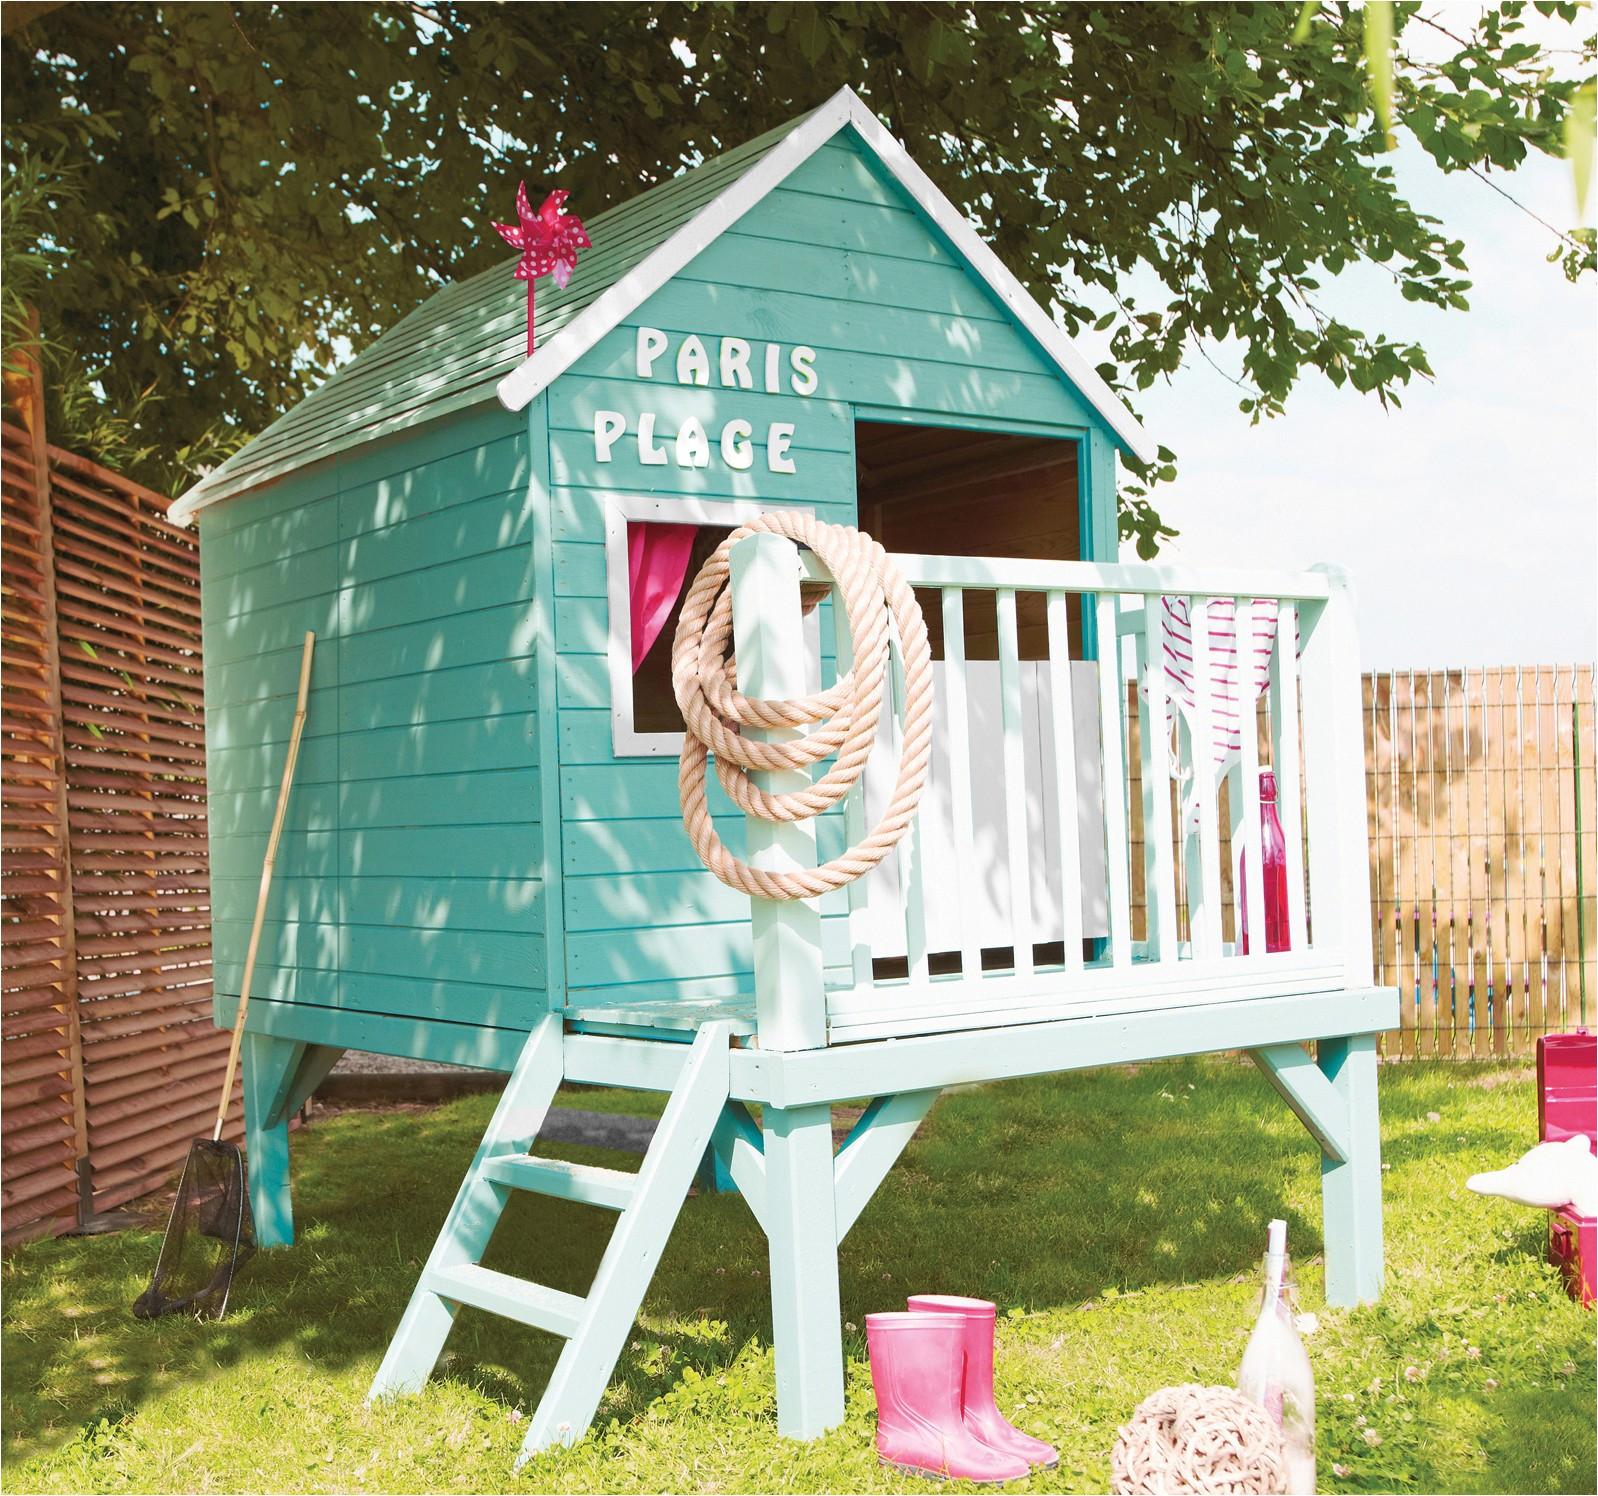 maison pour enfant sur pilotis wasabi jpg cu003d201509151448